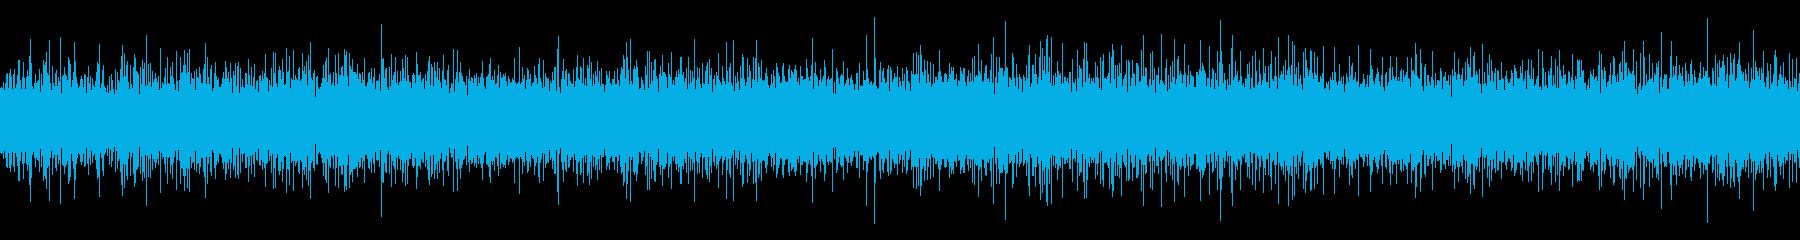 橋の下の浅い川の水音【秋、夜】ループの再生済みの波形